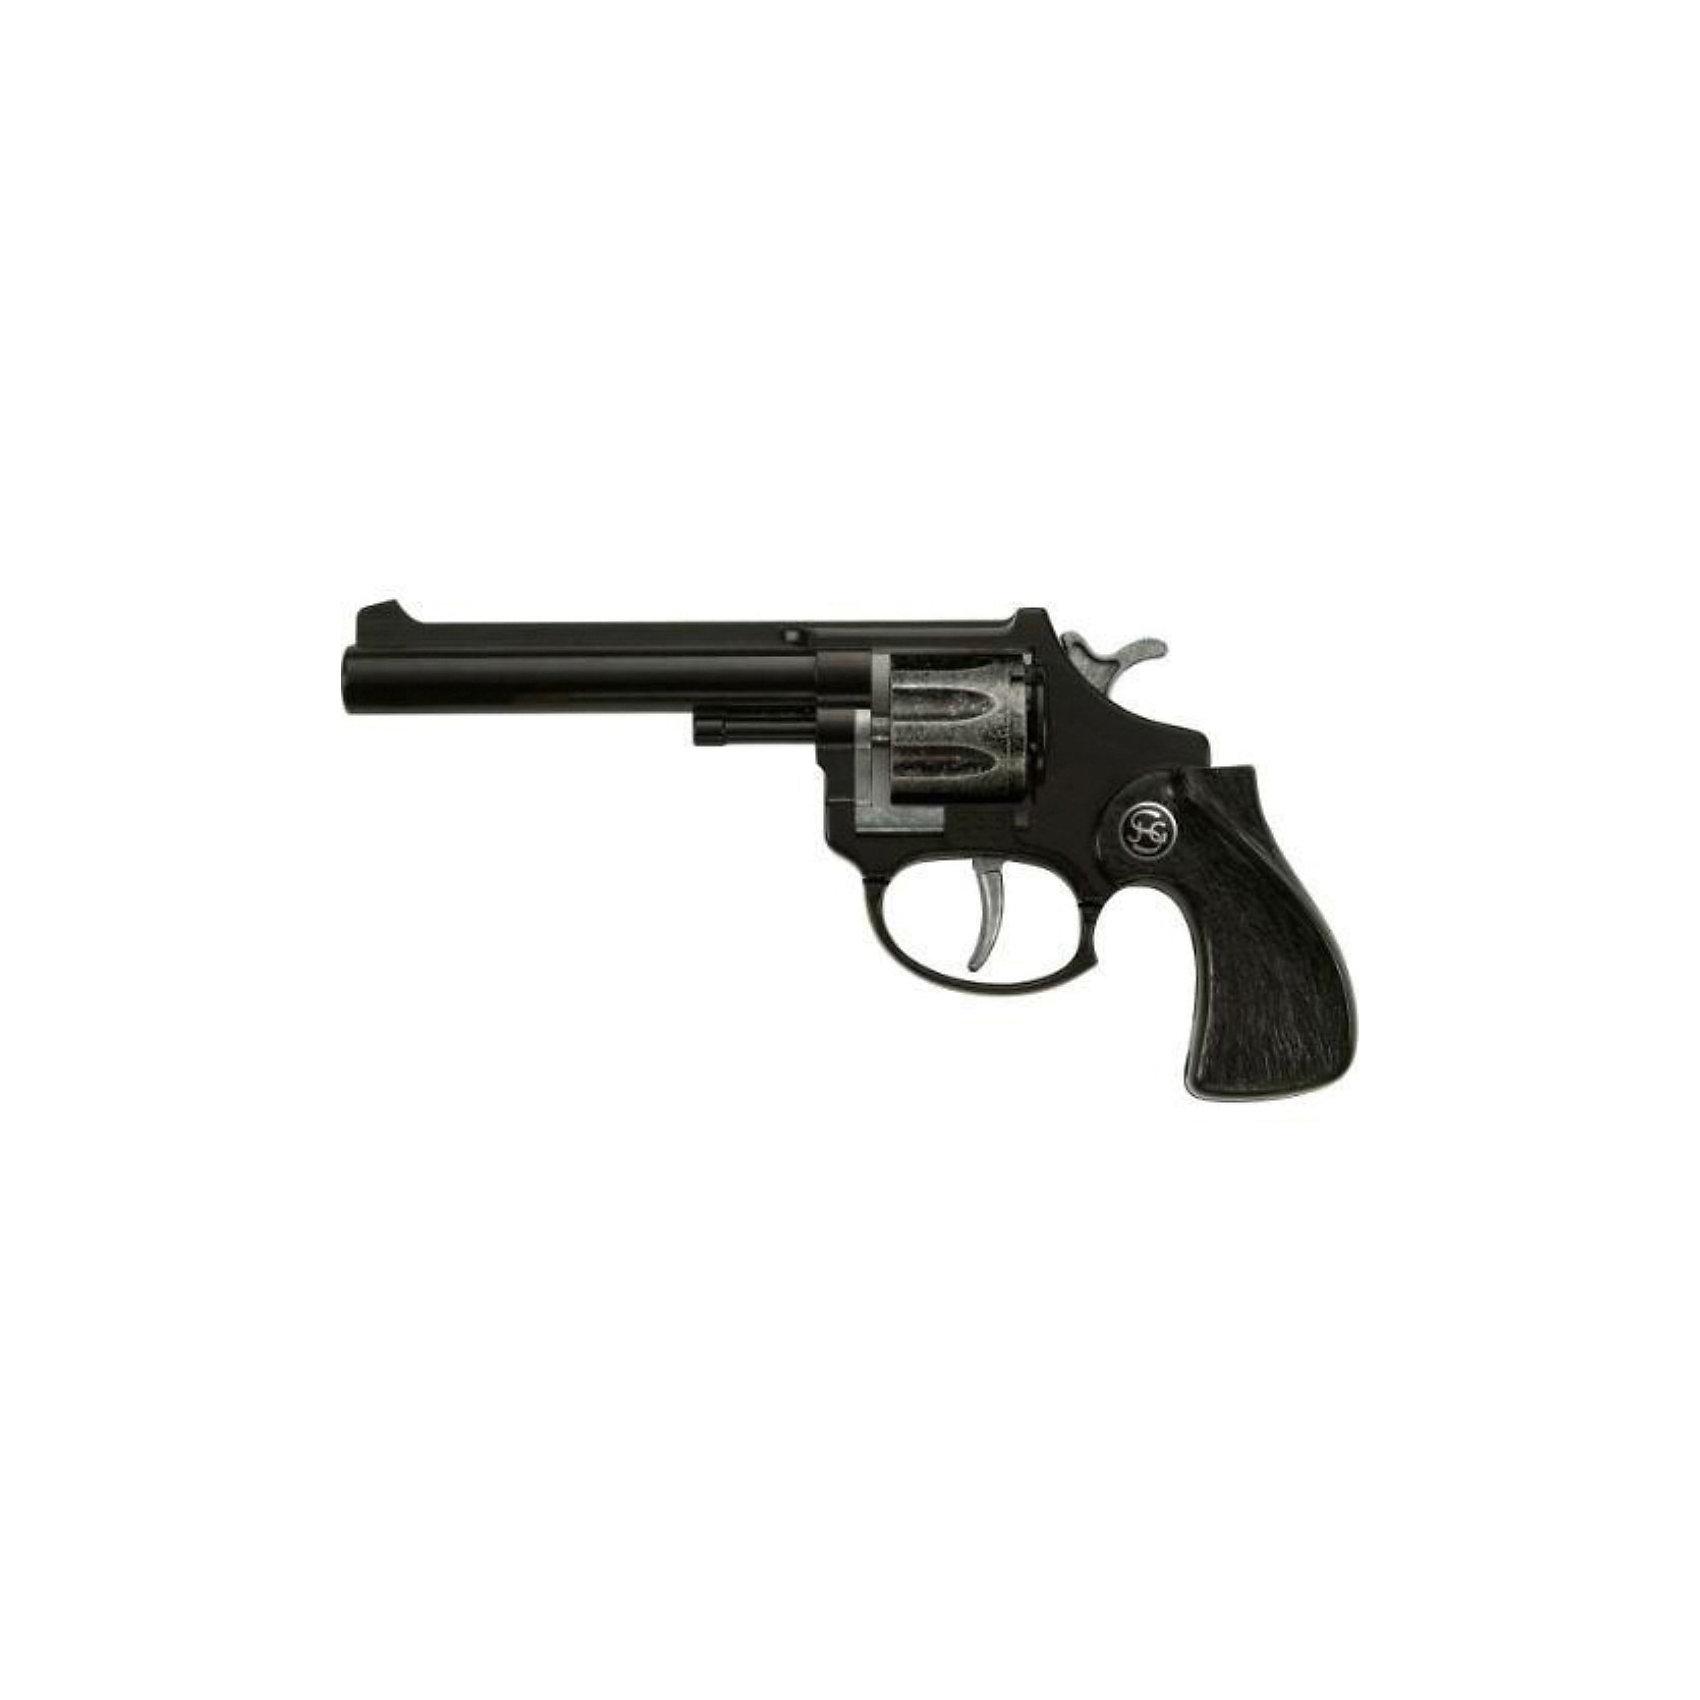 Пистолет  R 88,  SchrodelИгрушечное оружие<br>Пистолет  R 88,  Schrodel (Шрёдел) – детский восьмизарядный пистолет изготовленный в натуральную величину из высококачественного материала.<br>Игрушечные револьверы от немецкой компании Schrodel (Шрёдел) — лучшие игрушки для военных и в схожих социально-ролевых играх мальчишек. Револьвер черного цвета с барабаном, вмещающим 8 пистонов, подарит вашему мальчику массу положительных и ярких эмоций. Игровой пистолет имеет непревзойденное качество исполнения и великолепную детализацию, что делает пистолет похожим на реальную модель. Игра с игрушечным оружием поможет вашему малышу развить координацию движений, ловкость, логическое мышление и воображение. Все игрушки компании Schrodel выполнены из нетоксичных и качественных материалов, безопасных для здоровья ребенка.<br><br>Дополнительная информация:<br><br>- Ёмкость магазина: 8 зарядов<br>- Пистоны приобретаются отдельно<br>- Цвет: черный<br>- Материал: металл и пластик<br>- Размер игрушки: 18 см.<br>- Обязательно ознакомьтесь с инструкцией и соблюдайте меры безопасности<br><br>Пистолет  R 88,  Schrodel (Шрёдел) можно купить в нашем интернет-магазине.<br><br>Ширина мм: 80<br>Глубина мм: 200<br>Высота мм: 30<br>Вес г: 90<br>Возраст от месяцев: 84<br>Возраст до месяцев: 168<br>Пол: Мужской<br>Возраст: Детский<br>SKU: 3838993